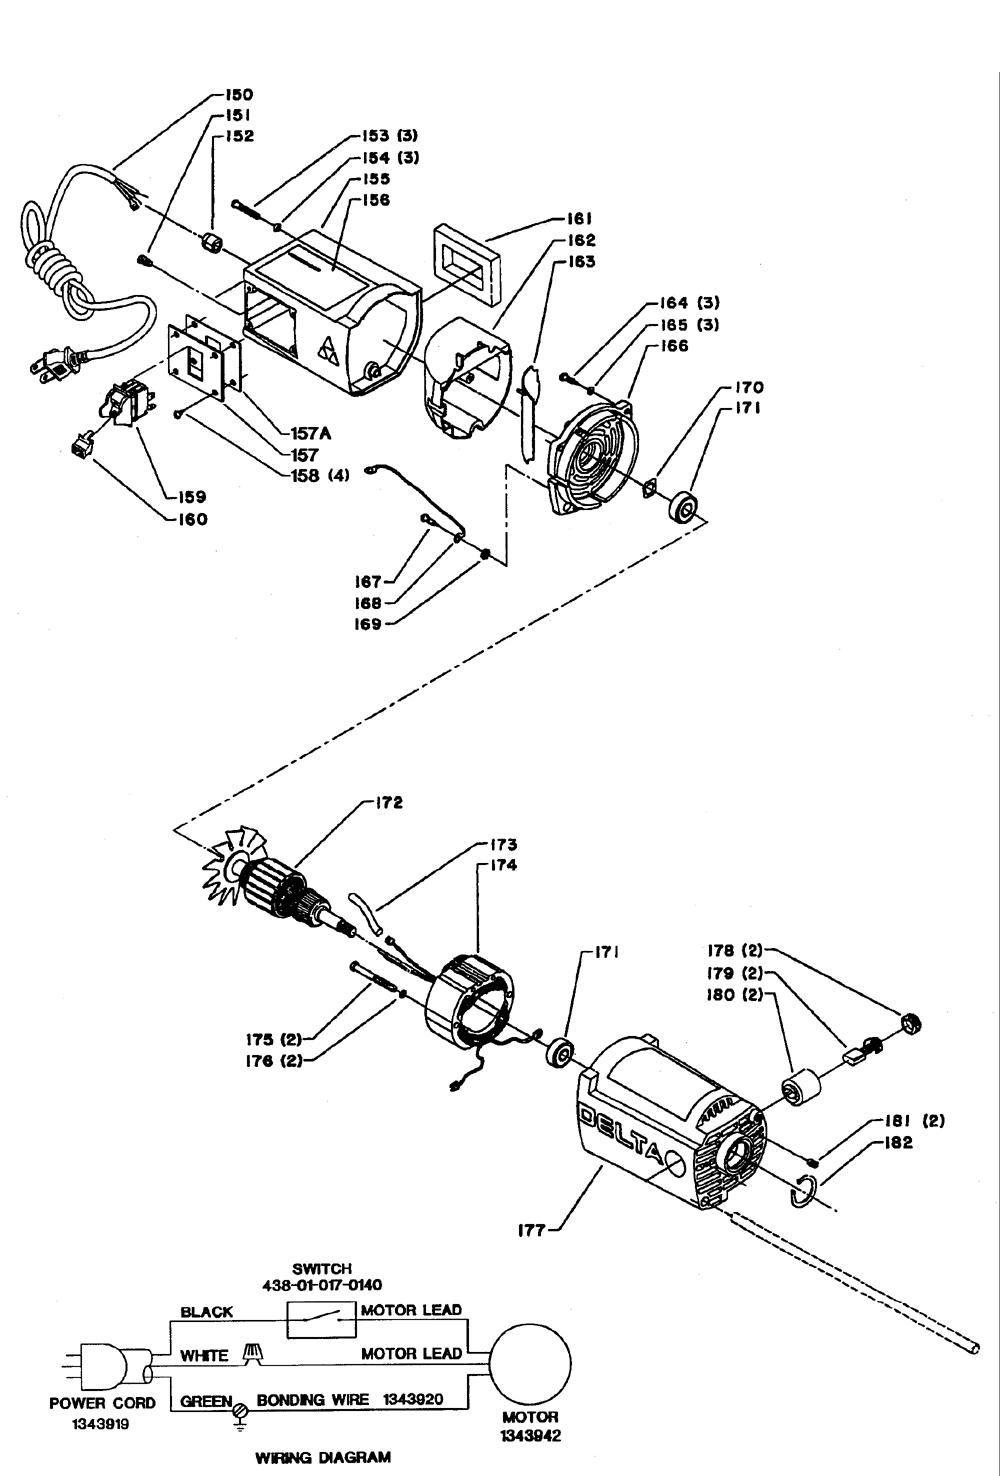 22-540-Delta-T1-PB-2Break Down